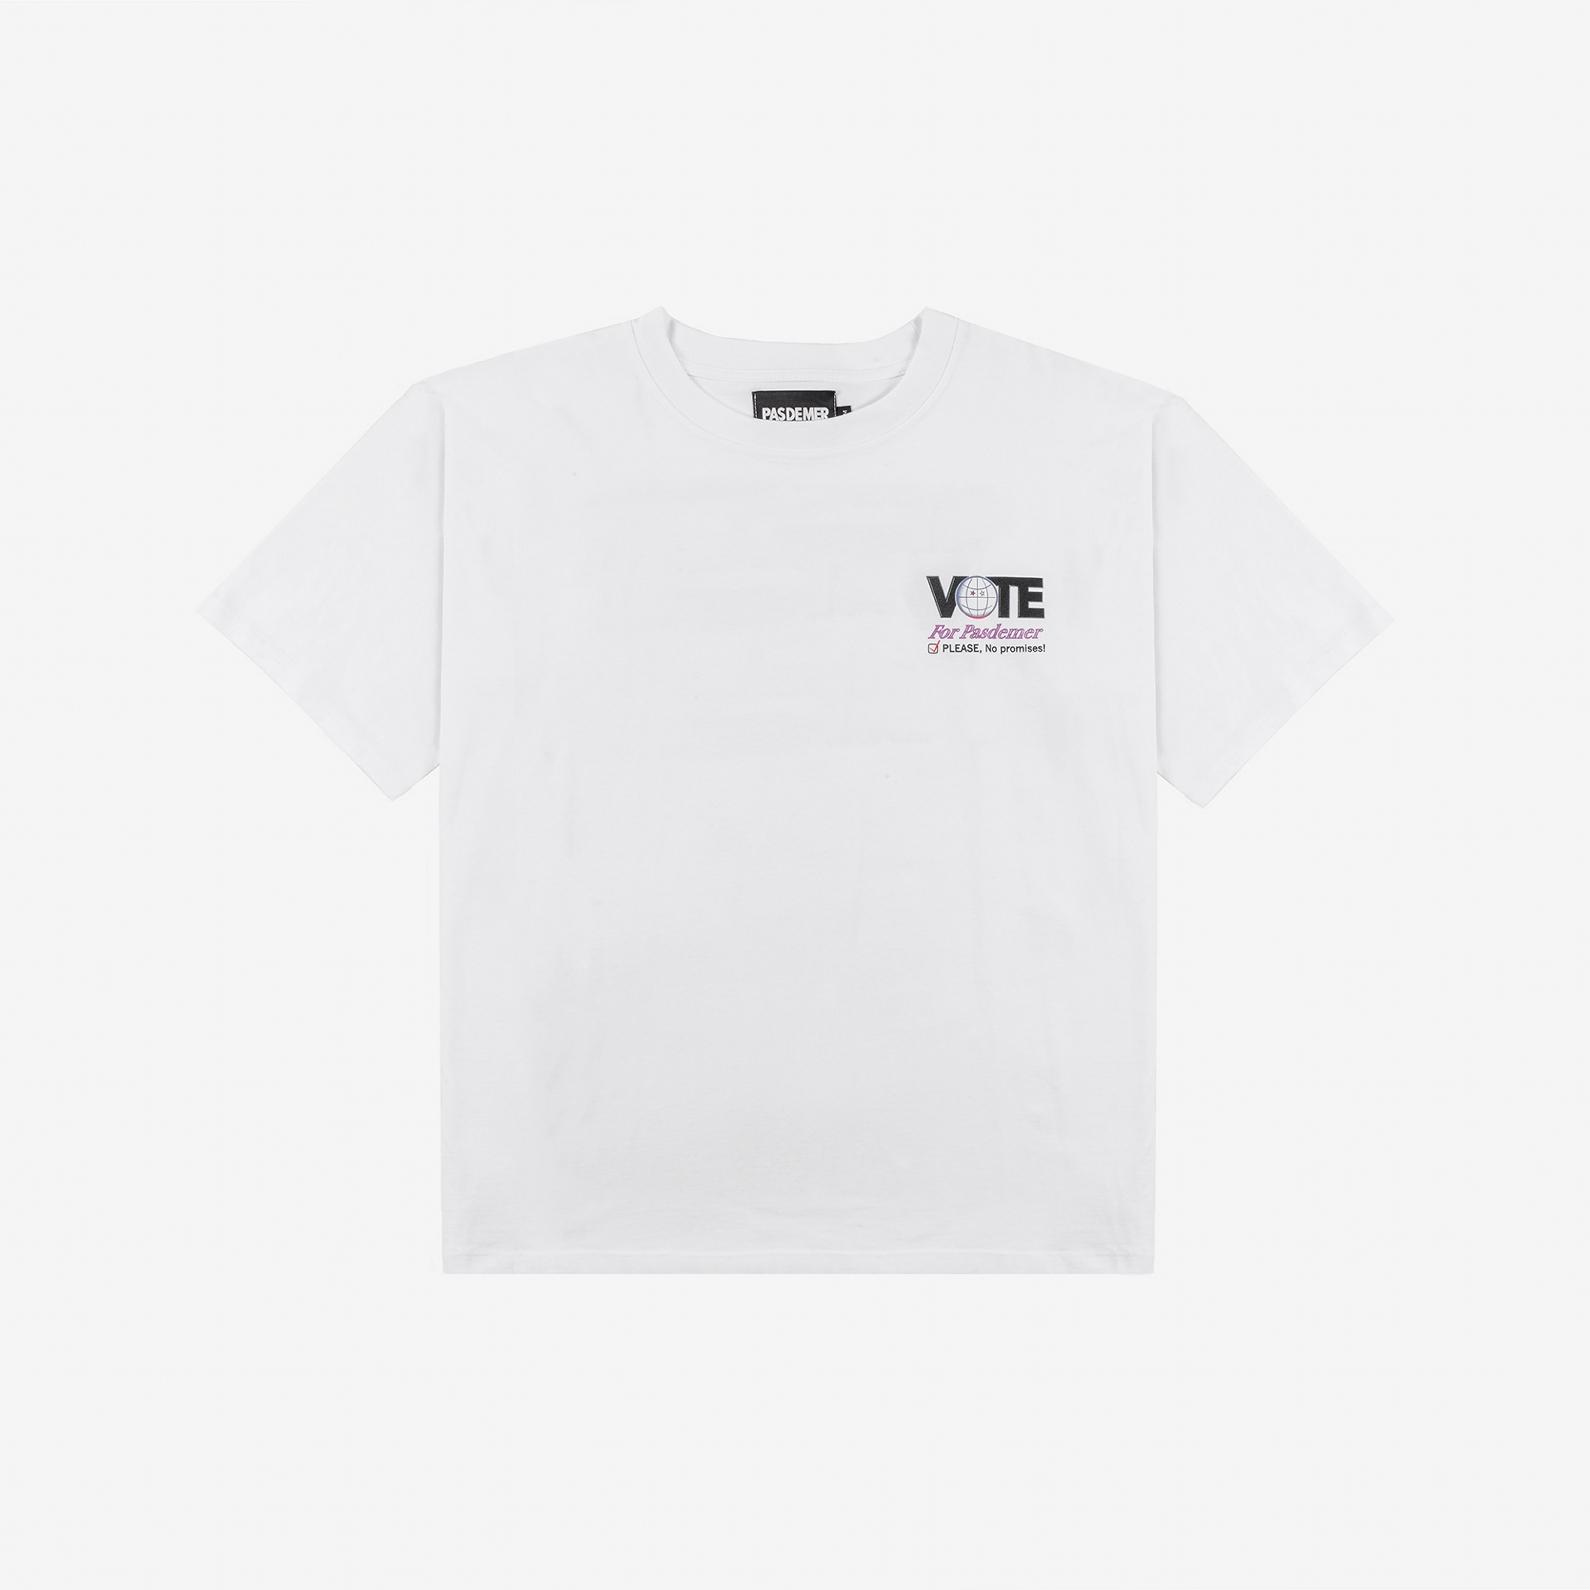 【PAS DE MER/パドゥメ】NO PROMISES OVERSIZE T-SHIRT オーバーサイズTシャツ / WHITE